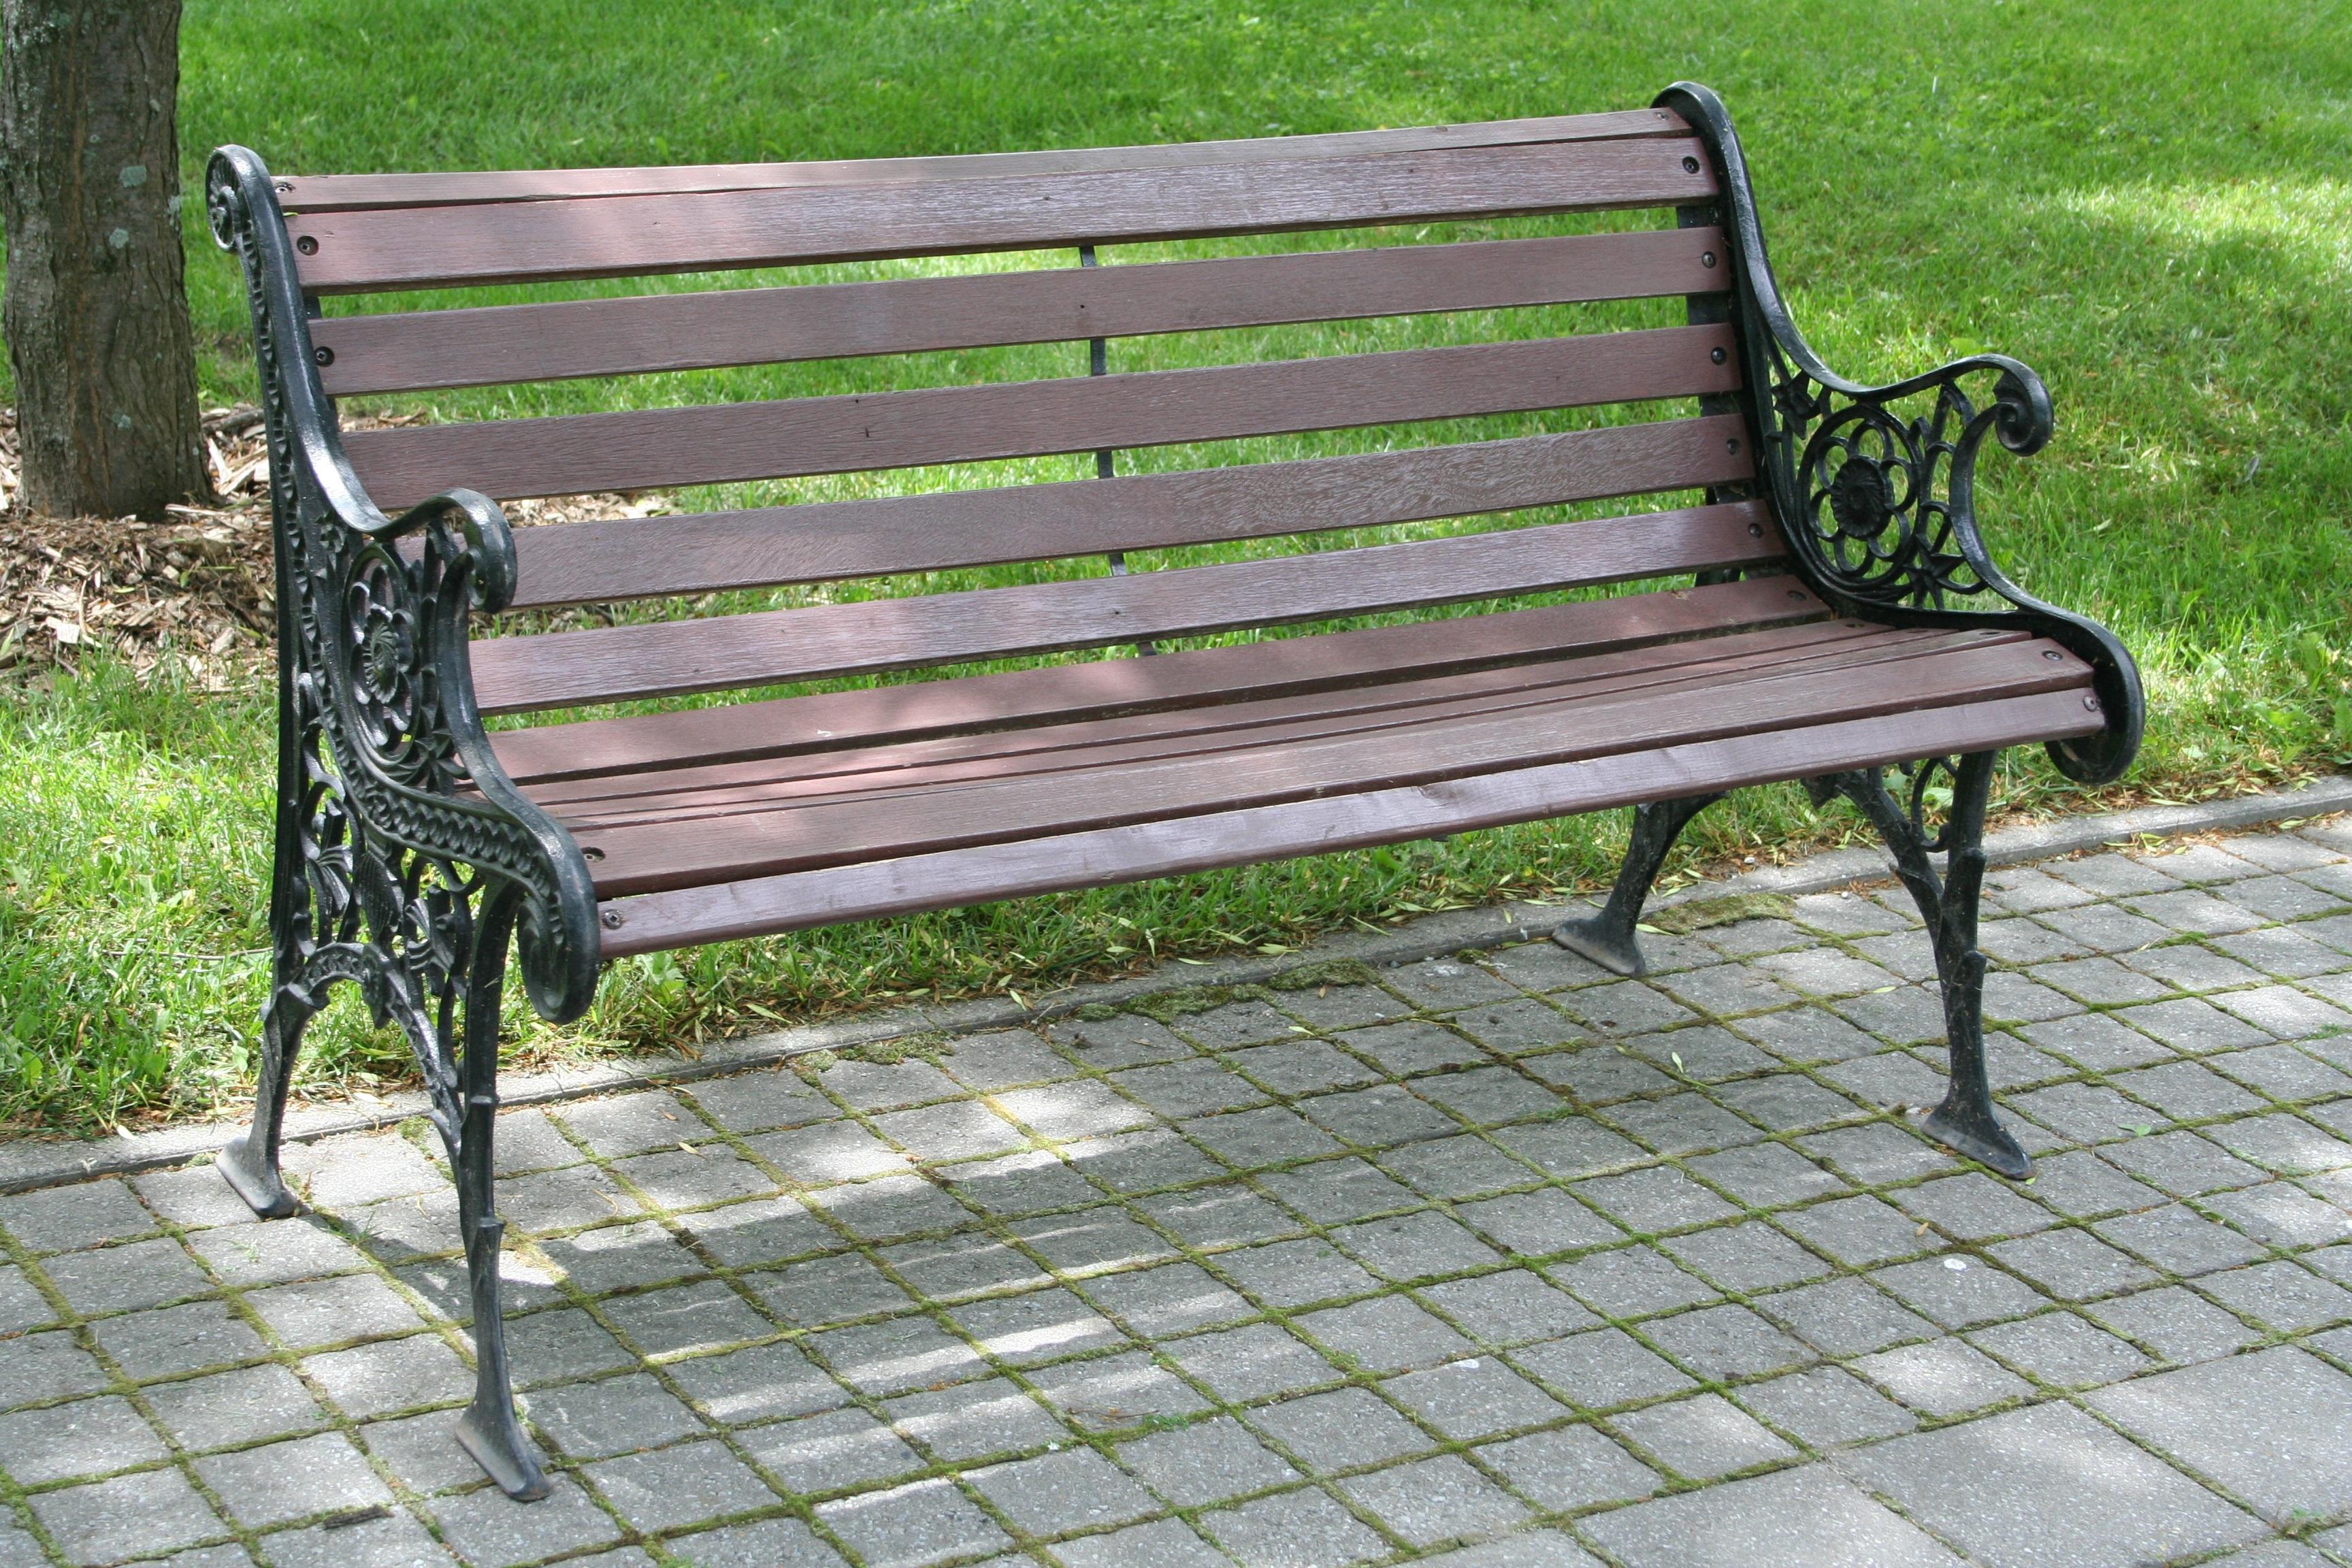 Fotos gratis : mesa, naturaleza, madera, banco, silla, verde, parque ...